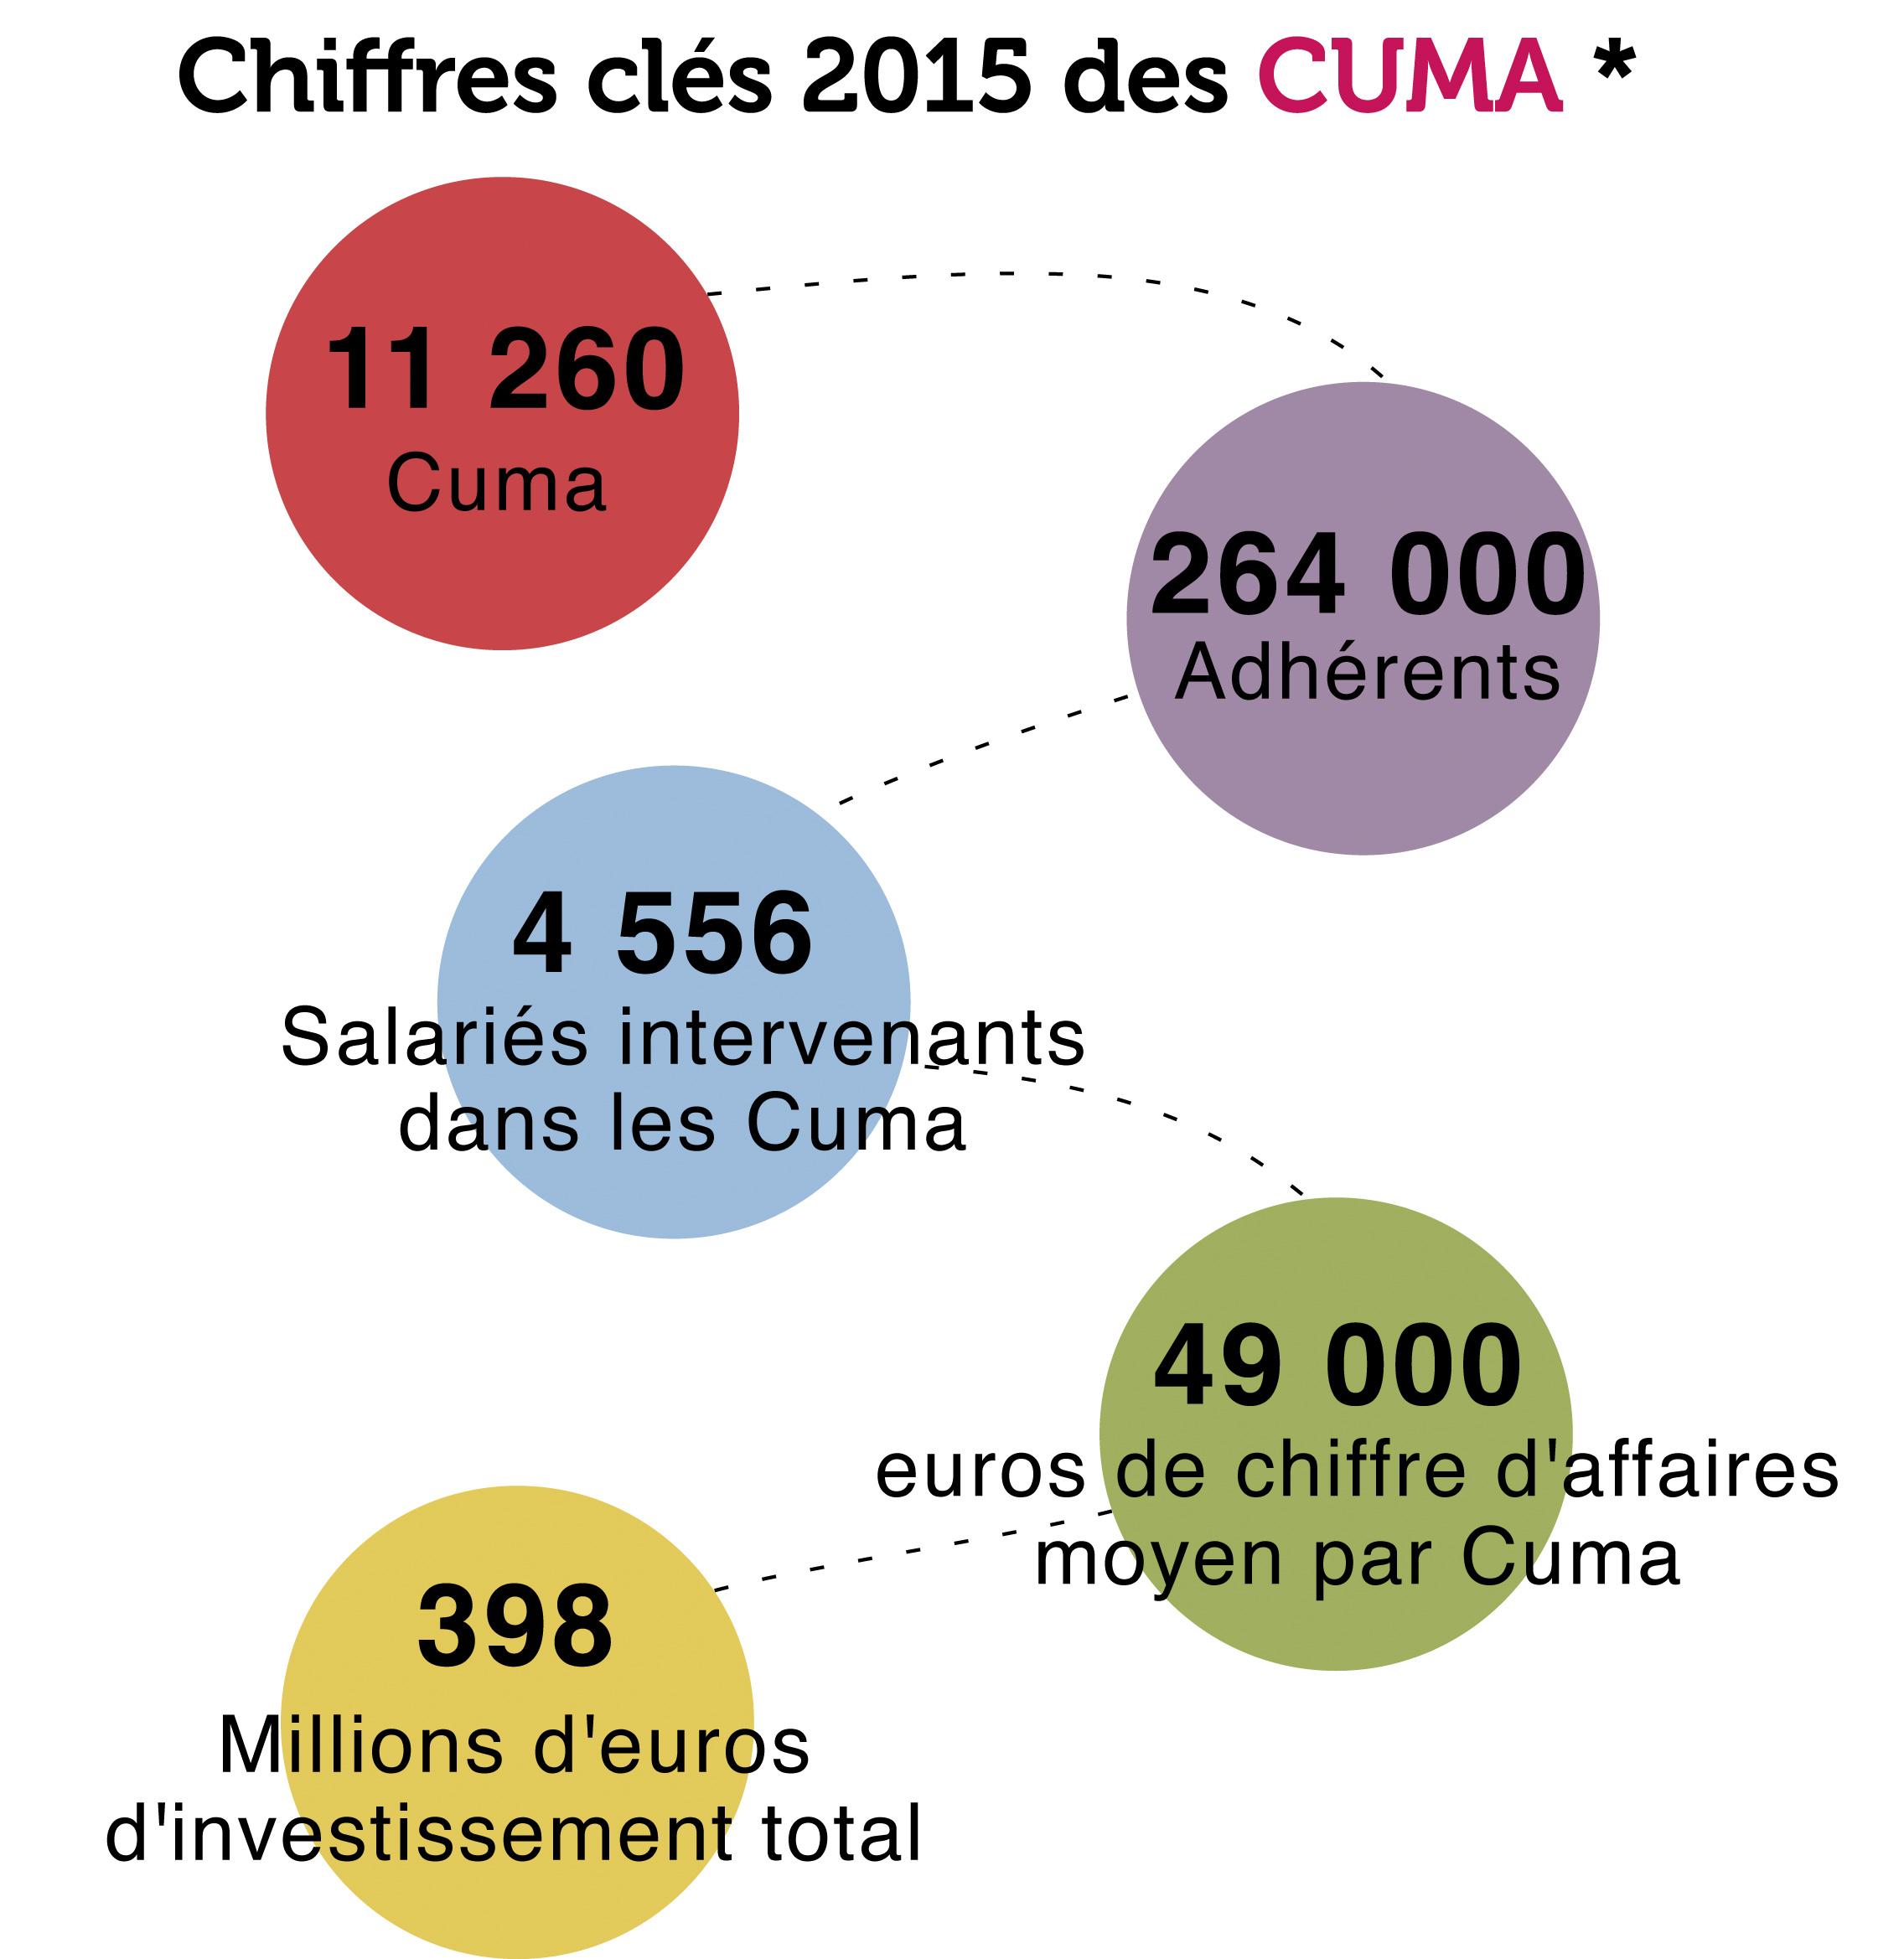 chiffres_clescuma-2